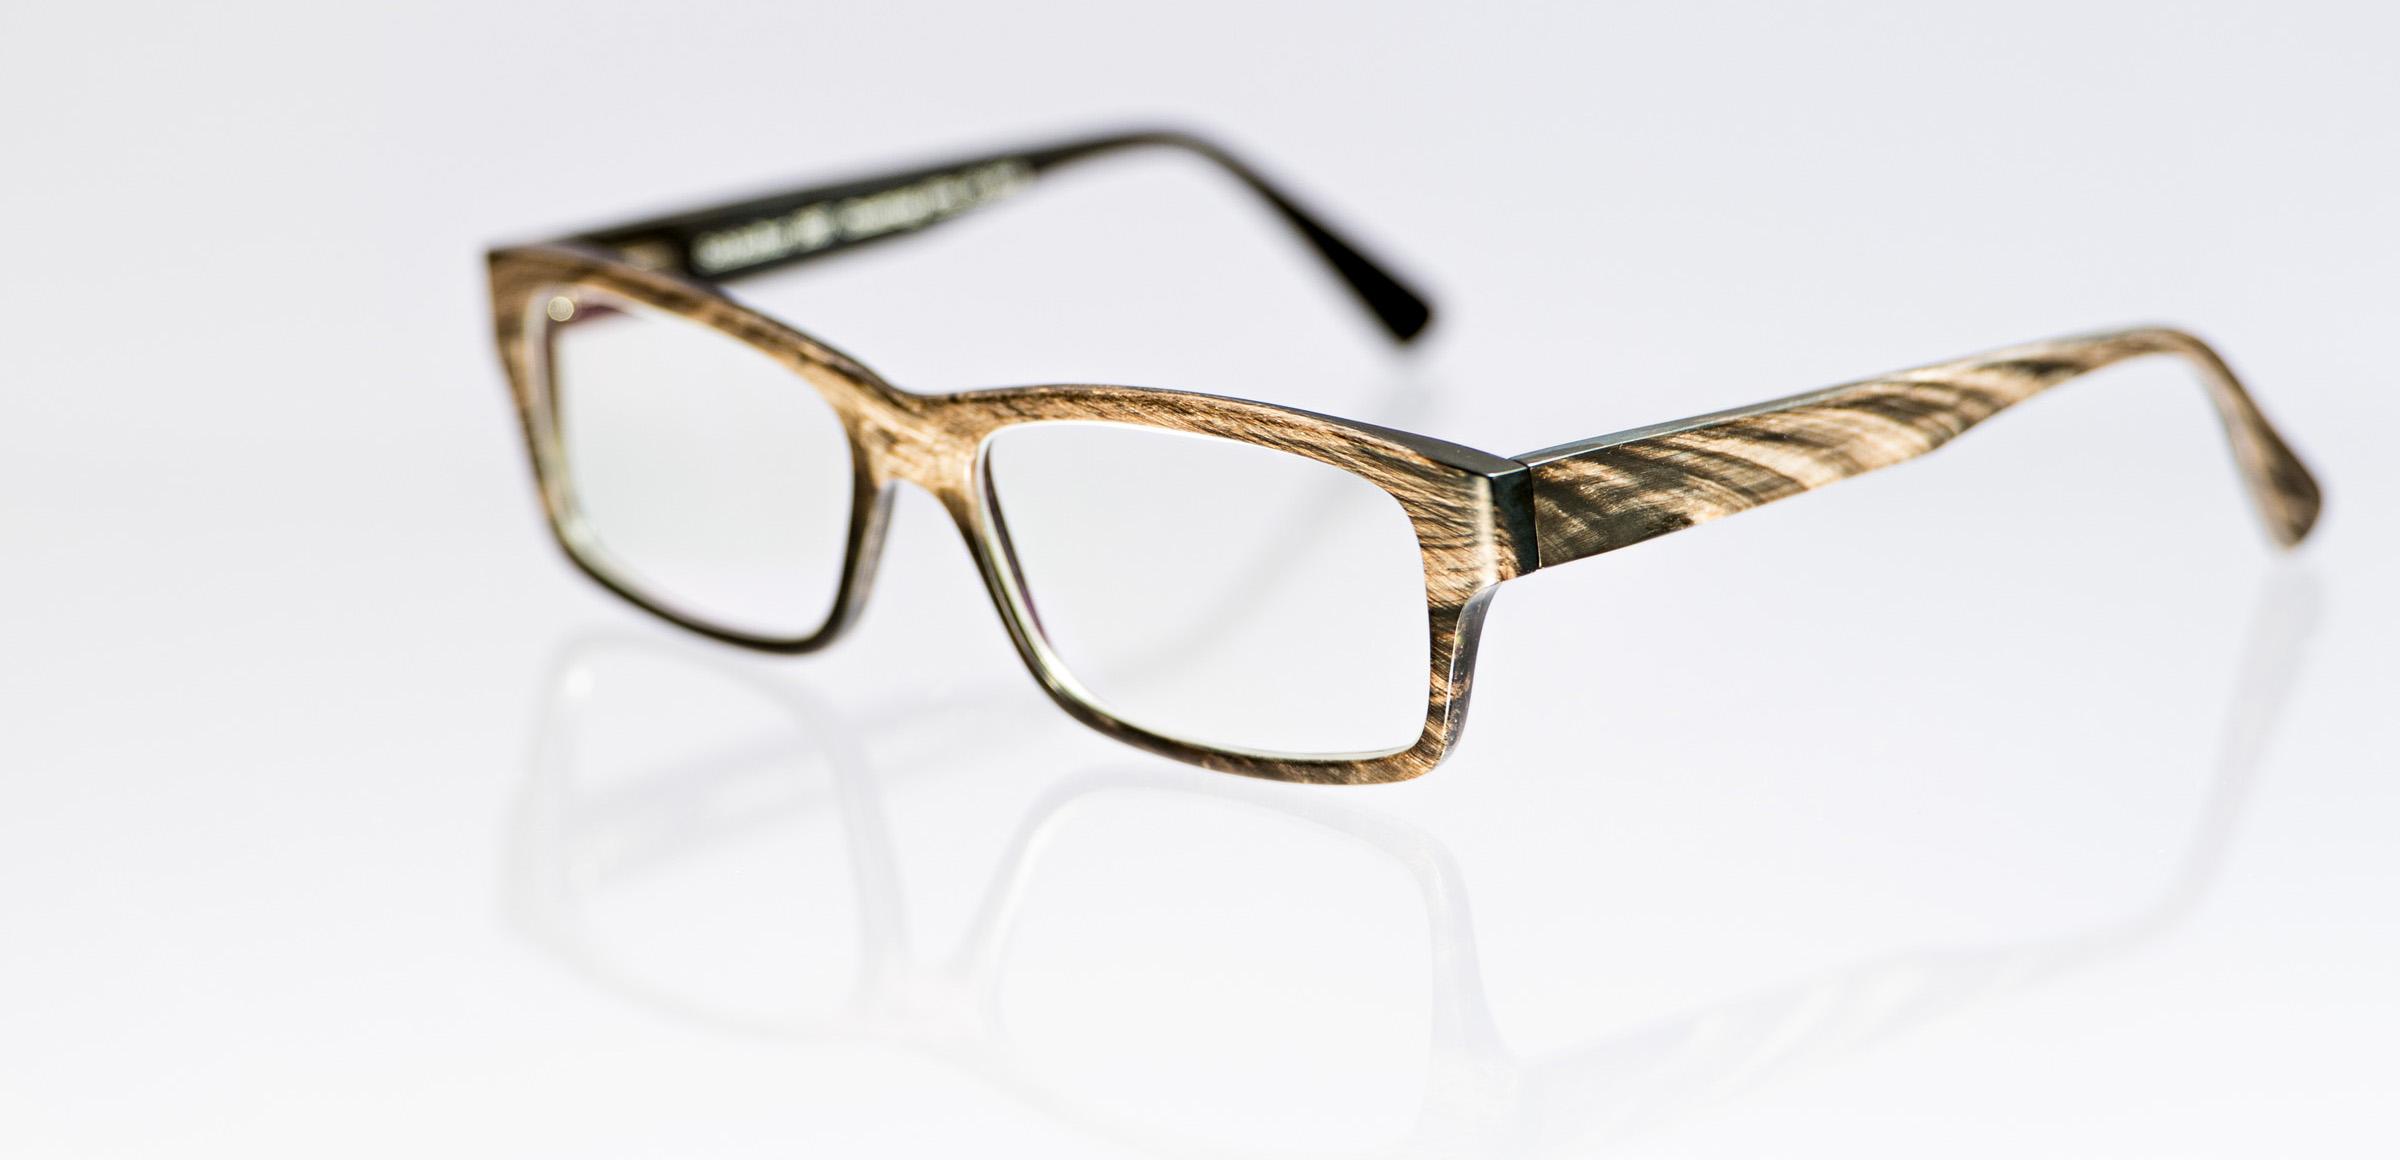 Hornbrille, Brille, Produktaufnahme, Sachaufnahme, Studio; davidschweizer.ch